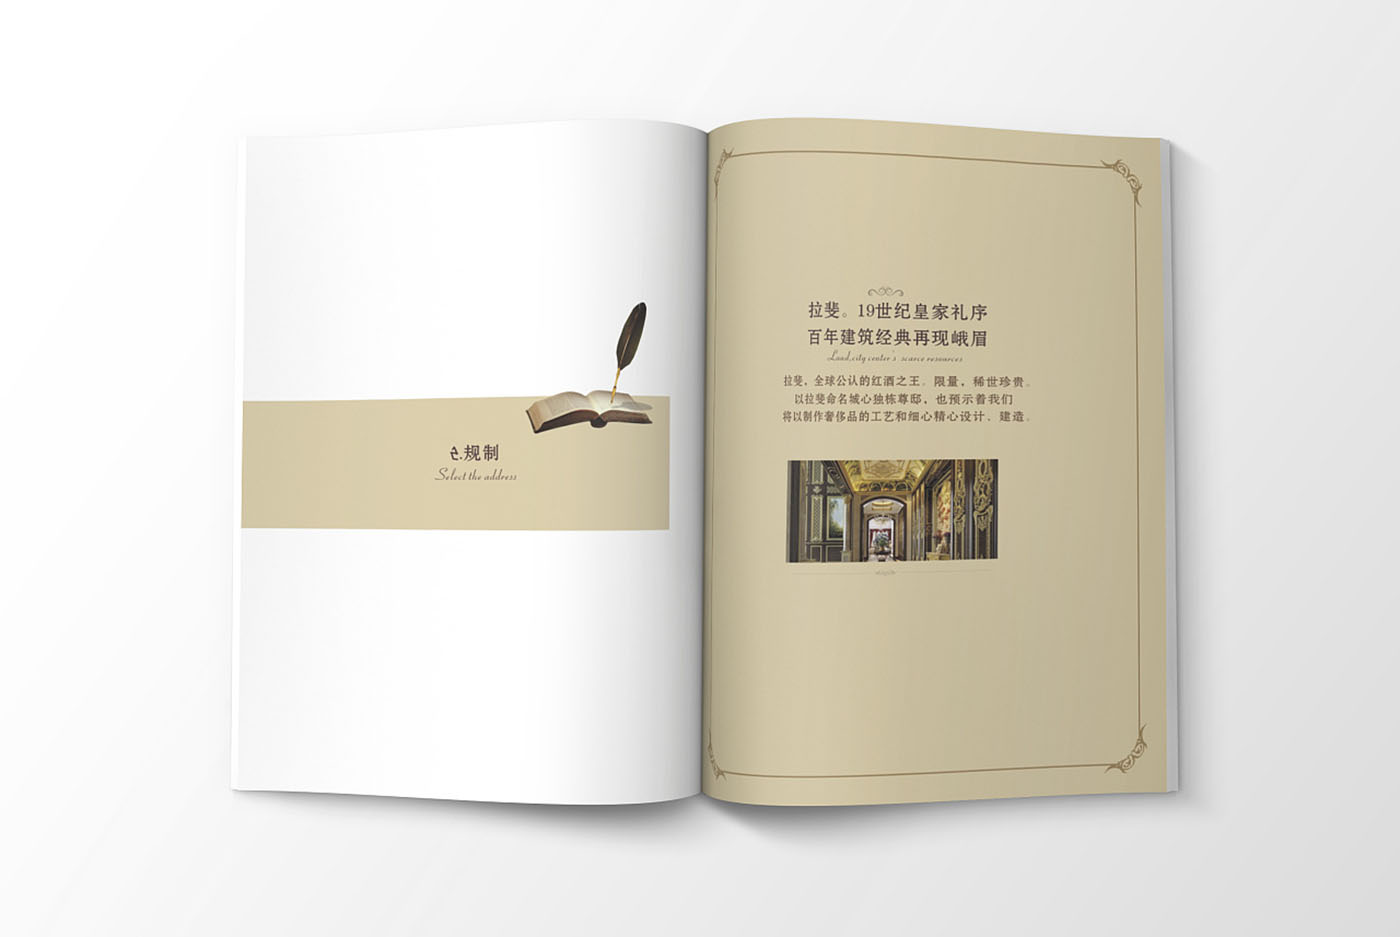 高端大气的楼书设计,高端大气的楼书设计知识